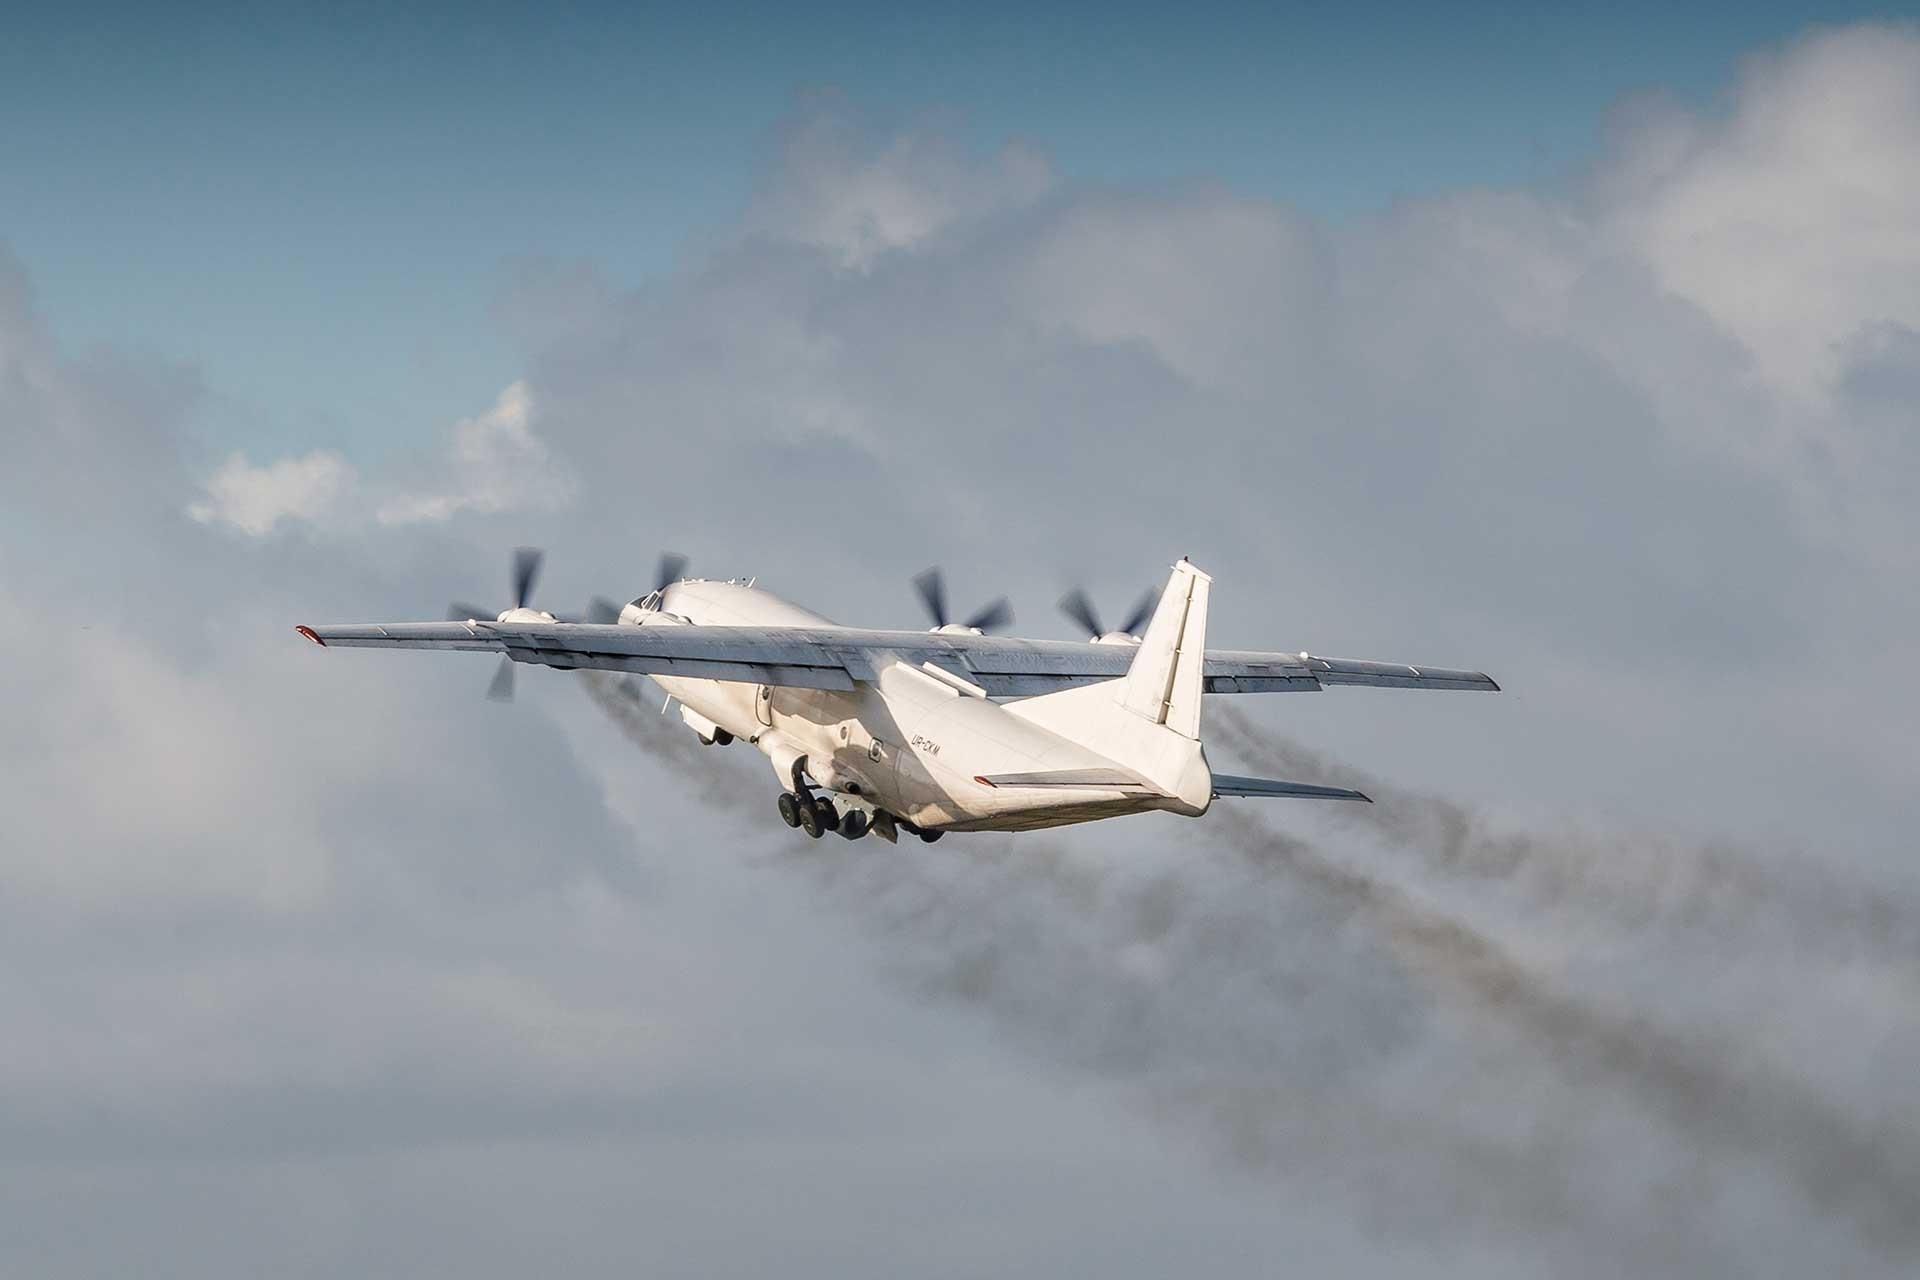 Ukrayna'da kargo uçağı acil iniş yaptı: 3 ölü, 3 yaralı